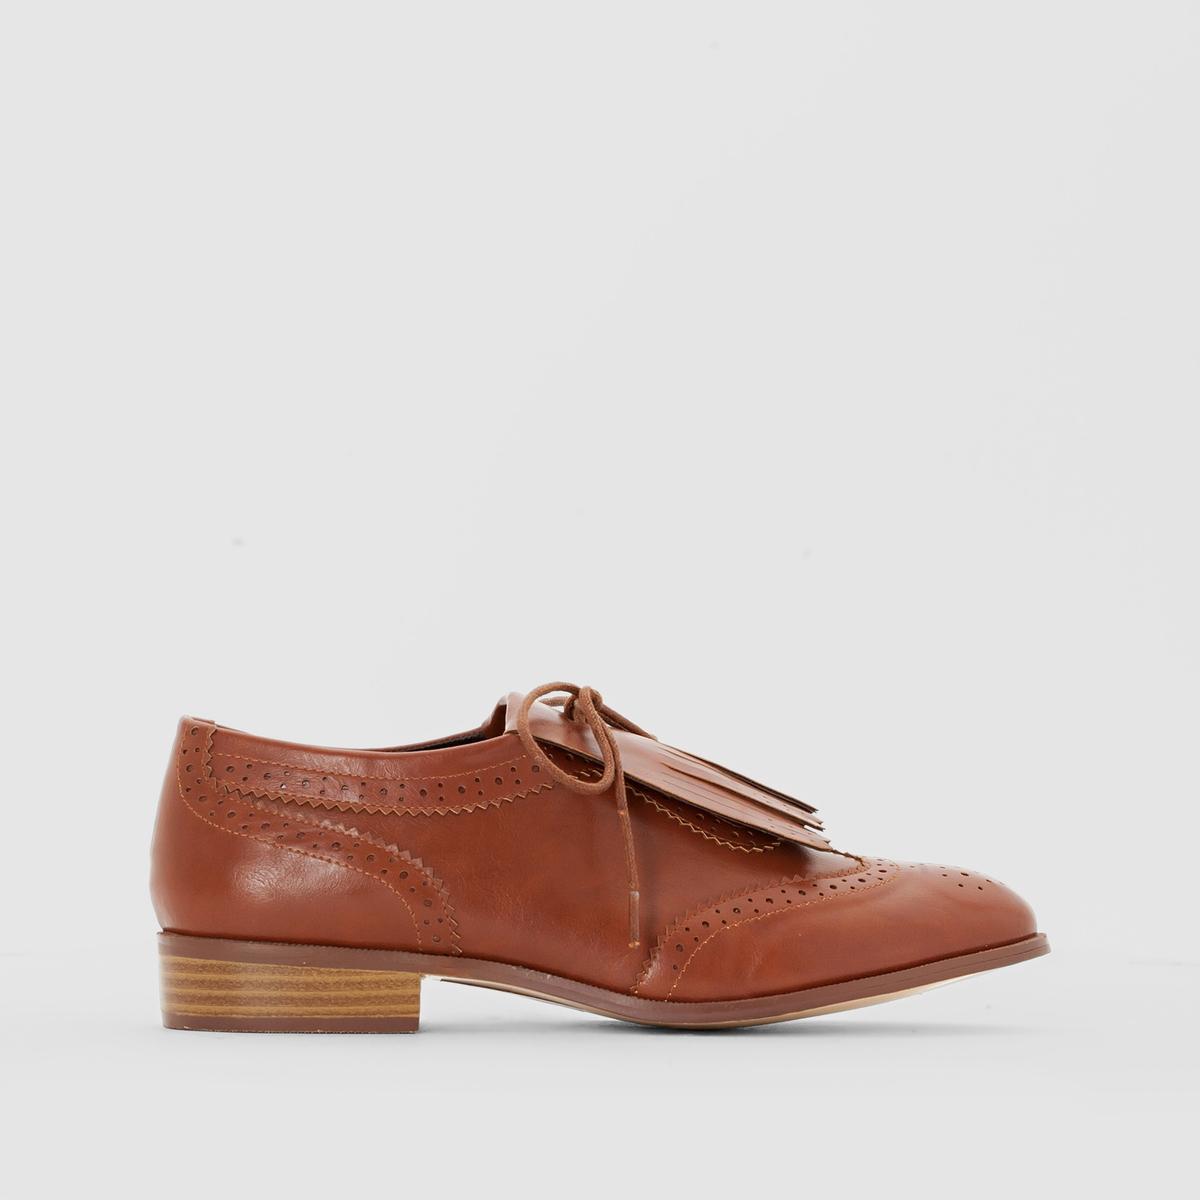 Ботинки-дерби с мексиканской планкой